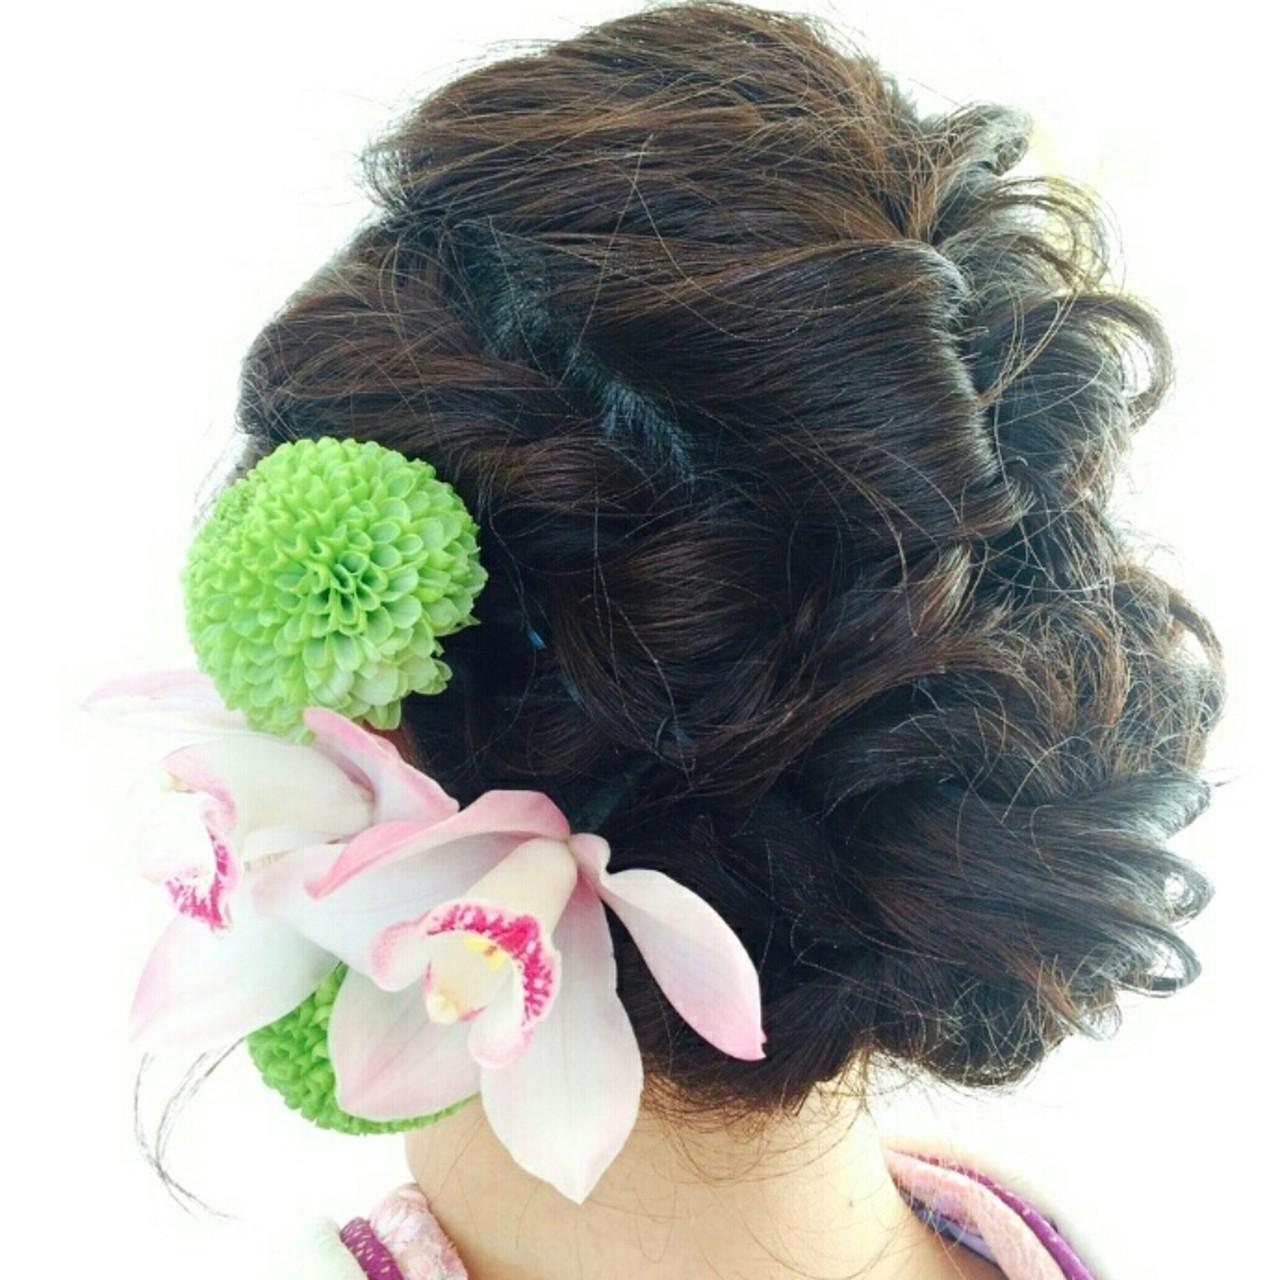 ヘアアレンジ 編み込み セミロング ゆるふわ ヘアスタイルや髪型の写真・画像